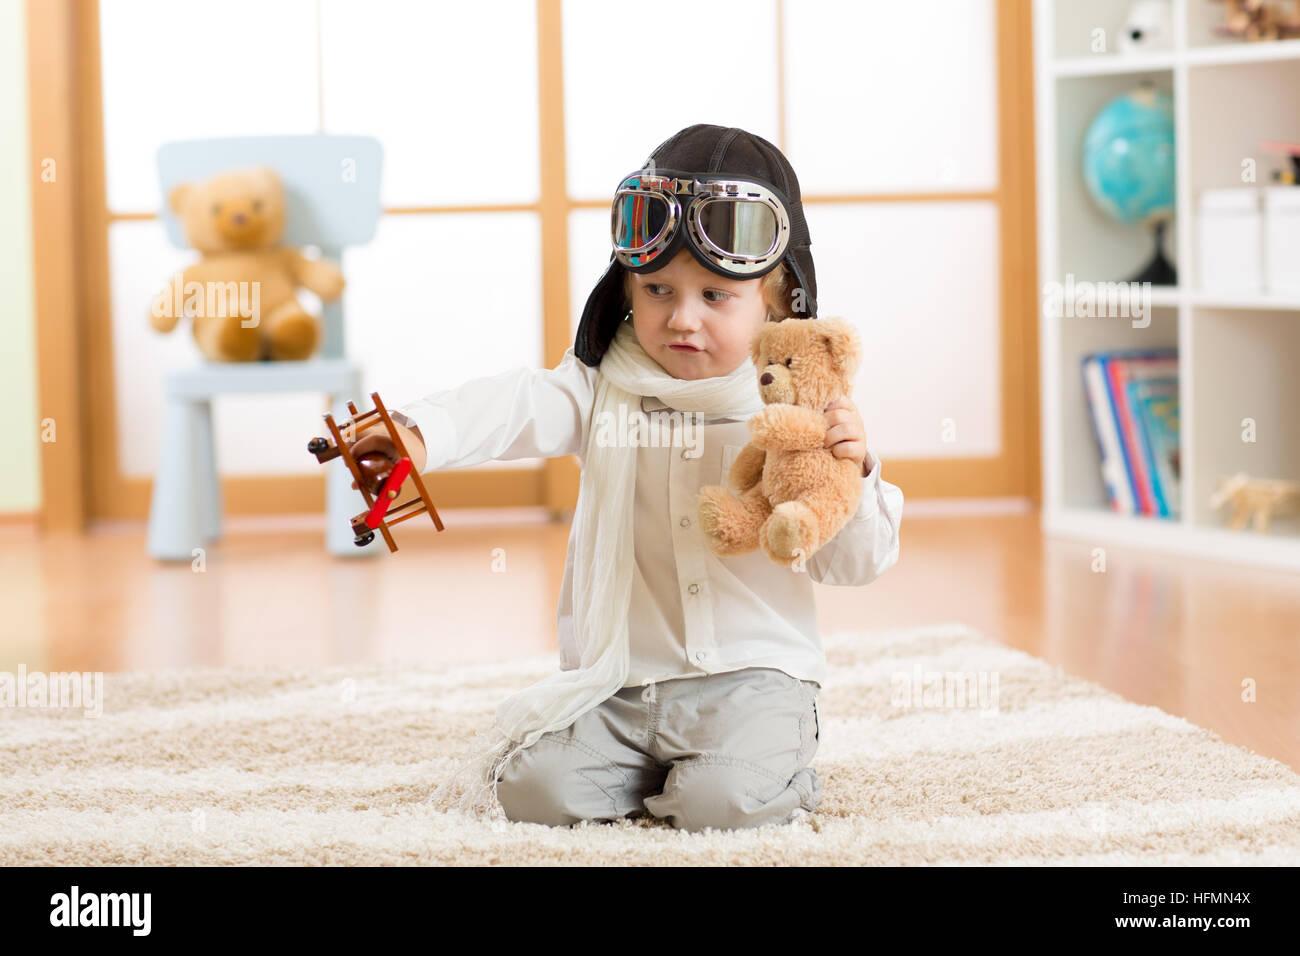 Niño feliz niño juega con avión de juguete en casa en su habitación Imagen De Stock